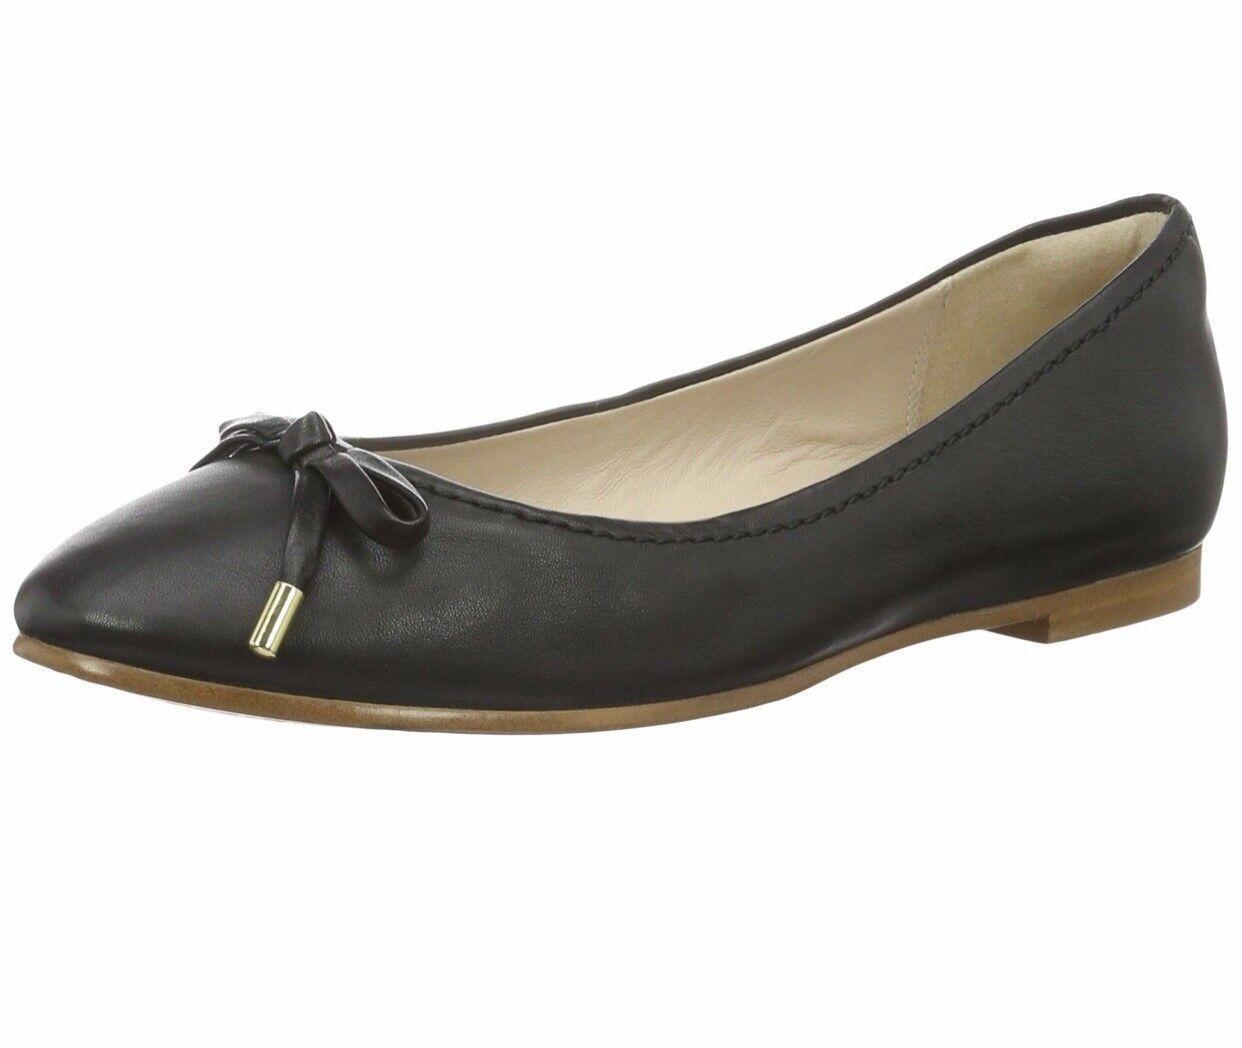 Clark'S Taglia Da Donna Ballerina Piatto Scarpe Di Pelle UK Taglia Clark'S 5D e6314d